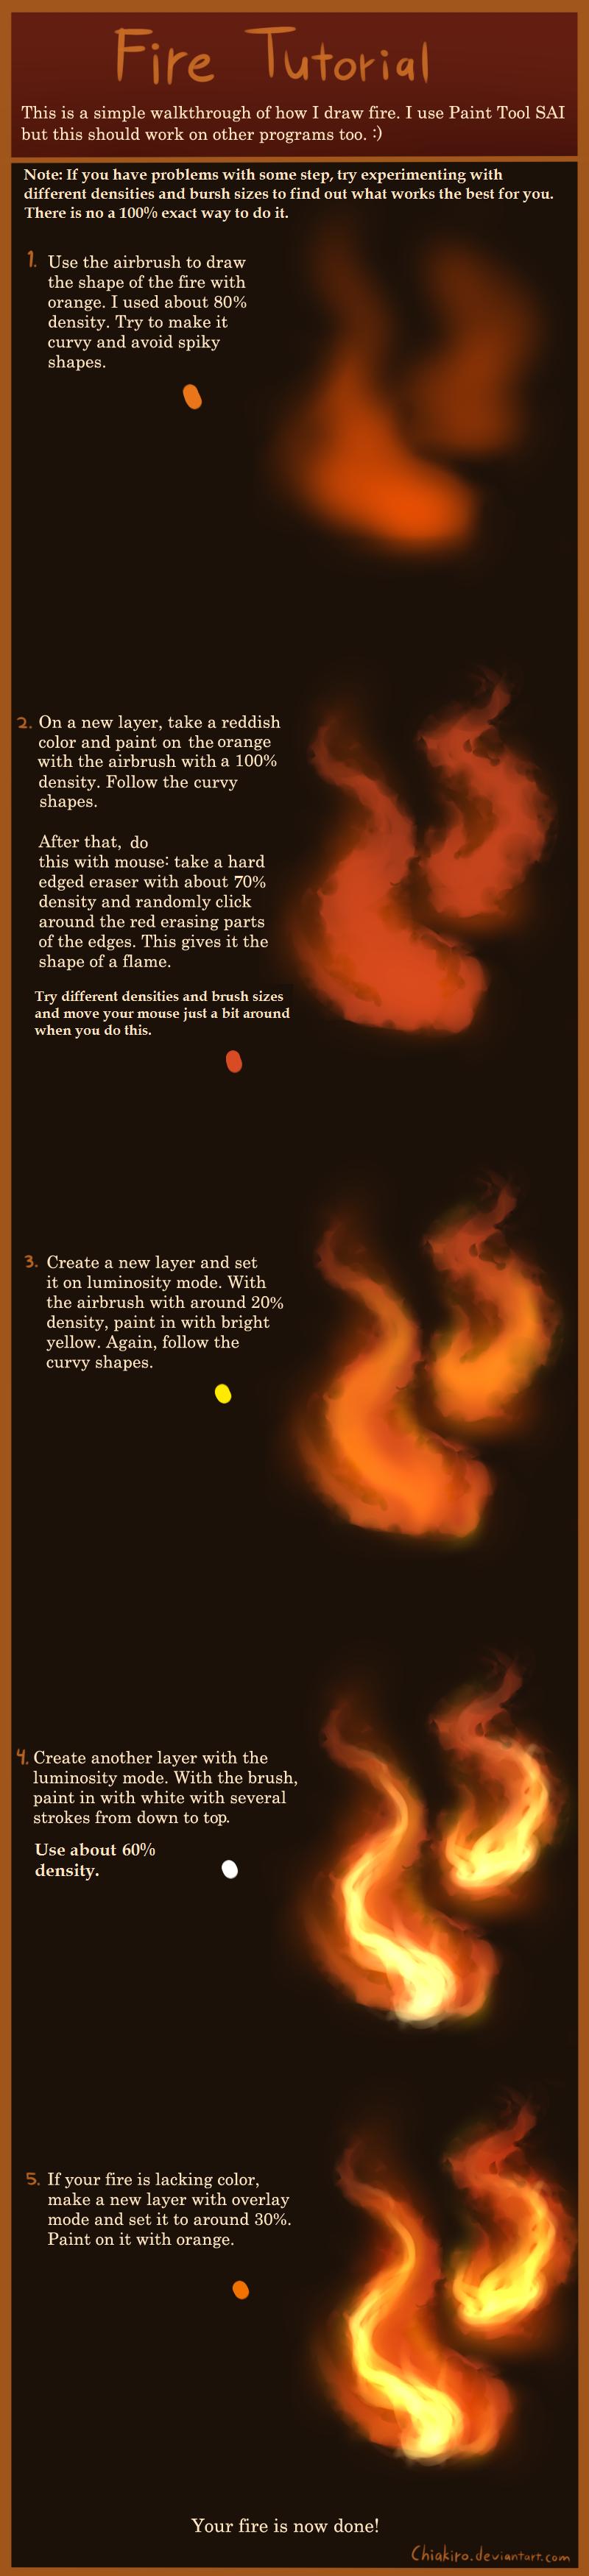 Fire Tutorial By Chiakiro On Deviantart